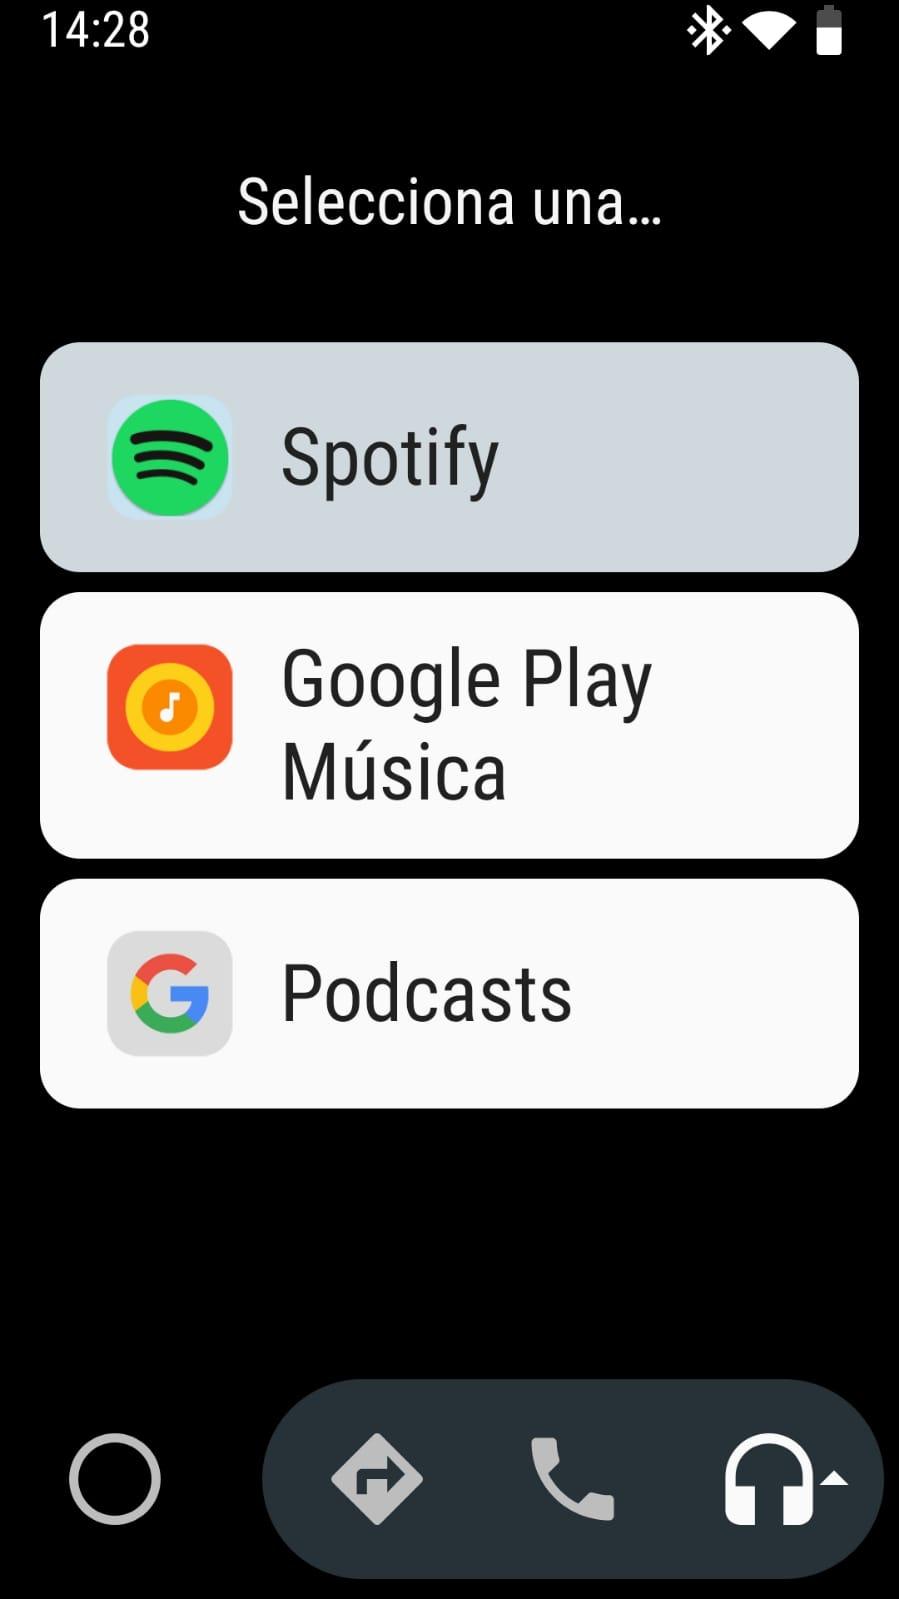 Android Auto me va muy mal. - Página 2 Whatsa12